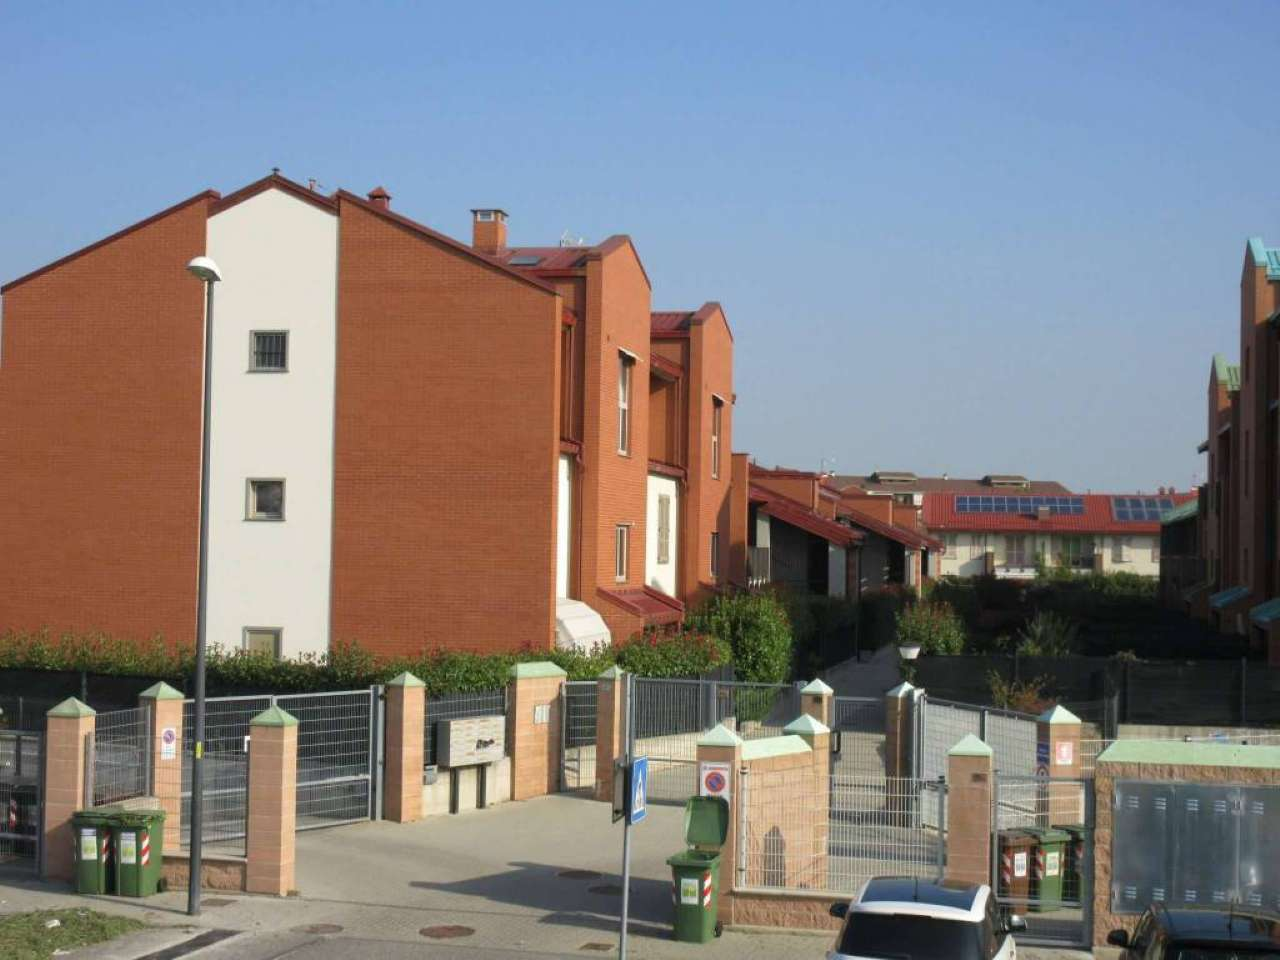 Appartamento in vendita a Grugliasco, 2 locali, prezzo € 139.000 | CambioCasa.it